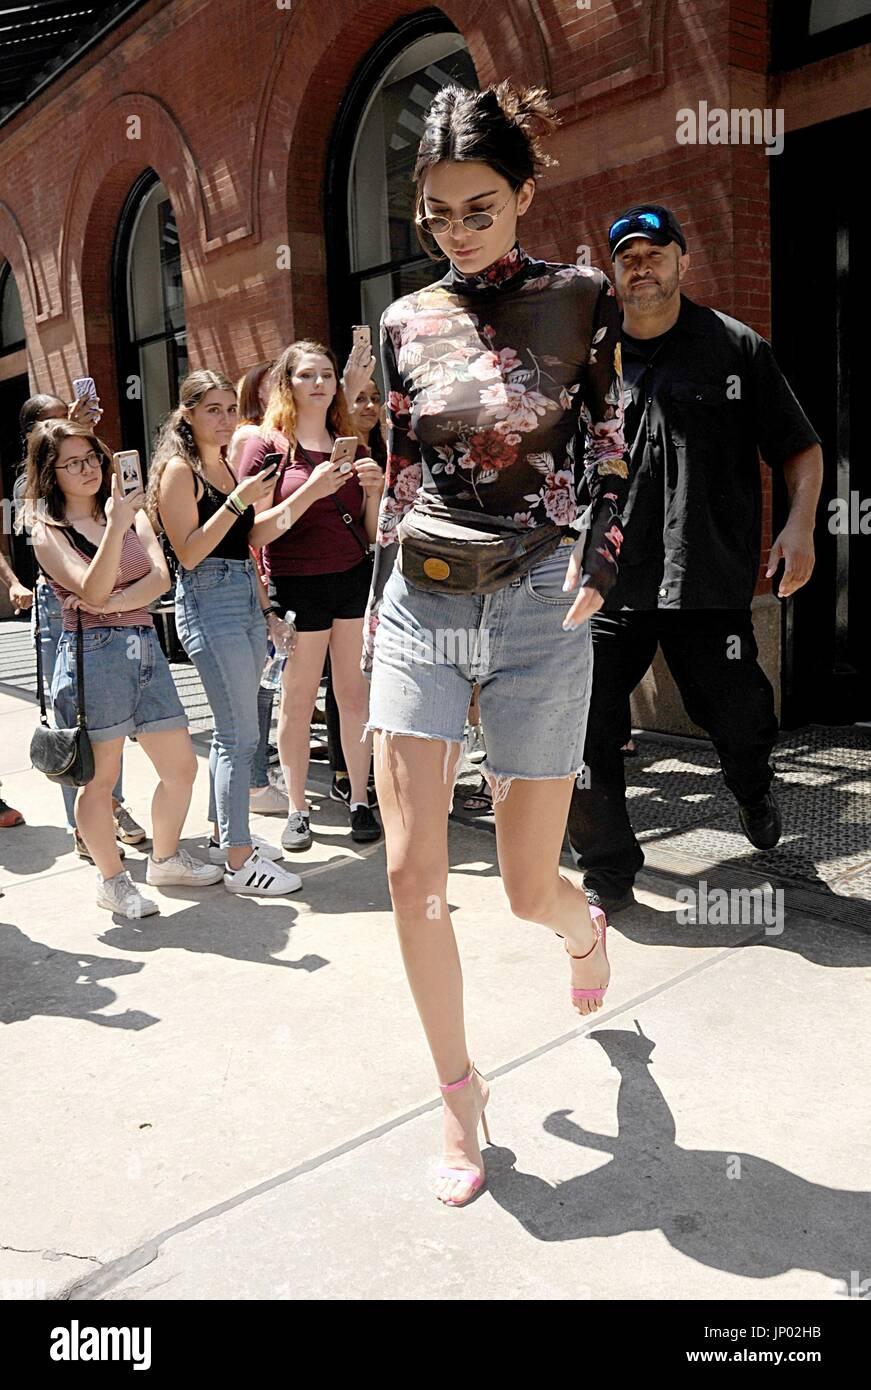 Nova Iorque, NY, EUA. 31 de Julho, 2017. Kendall Jenner e sobre Candids de celebridades - MON, Nova York, NY 31 de Julho de 2017. Crédito: Kristin Callahan/Recolha/Alamy Everett Notícias ao vivo Imagens de Stock